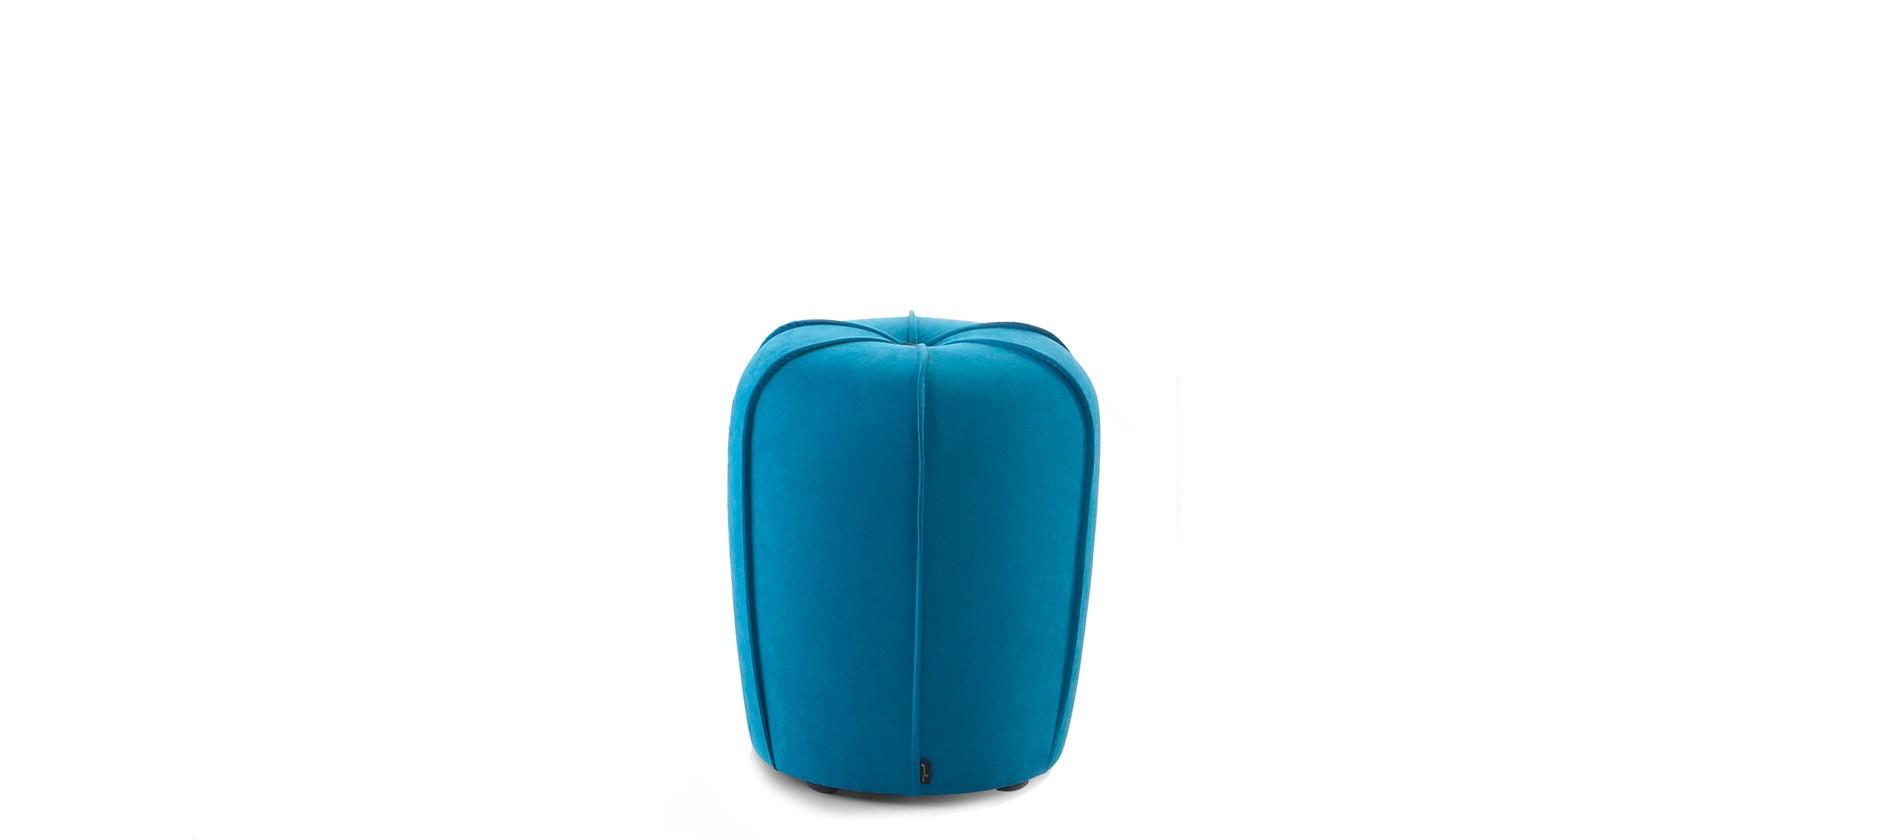 hocker ballon von signet entdecke die farbenvielfalt. Black Bedroom Furniture Sets. Home Design Ideas